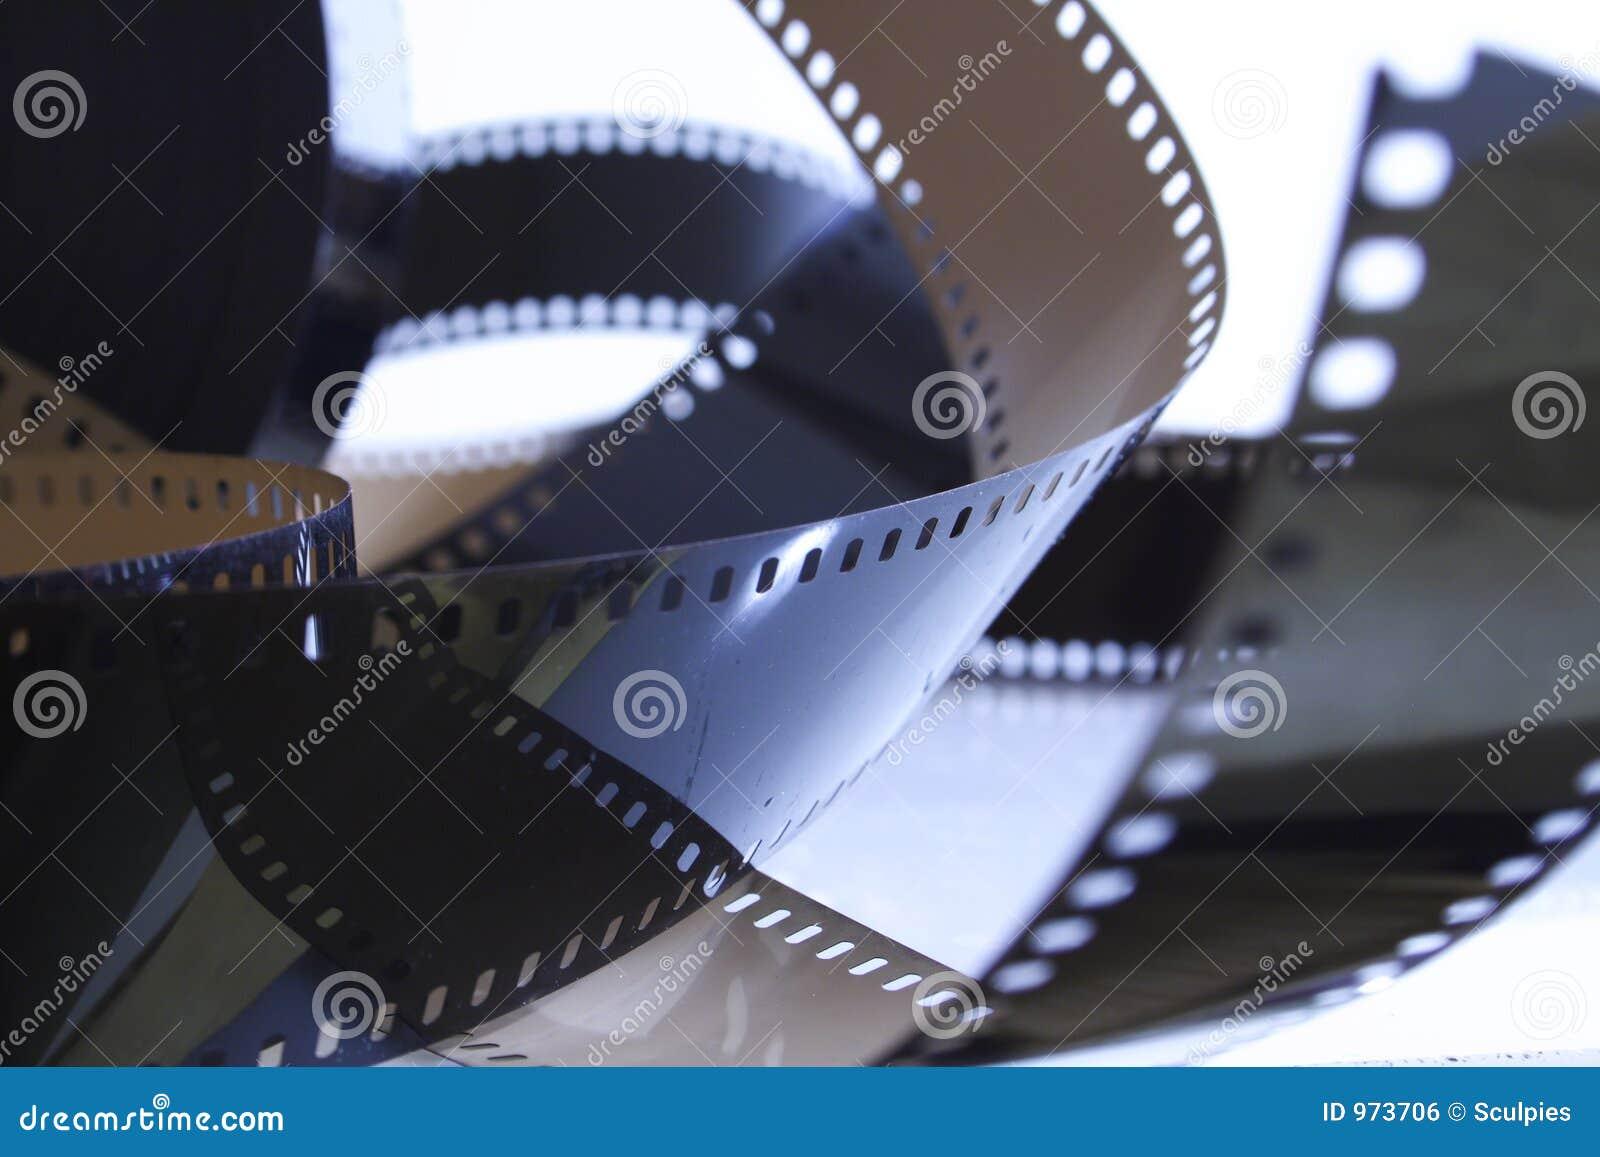 35mm unexposed film